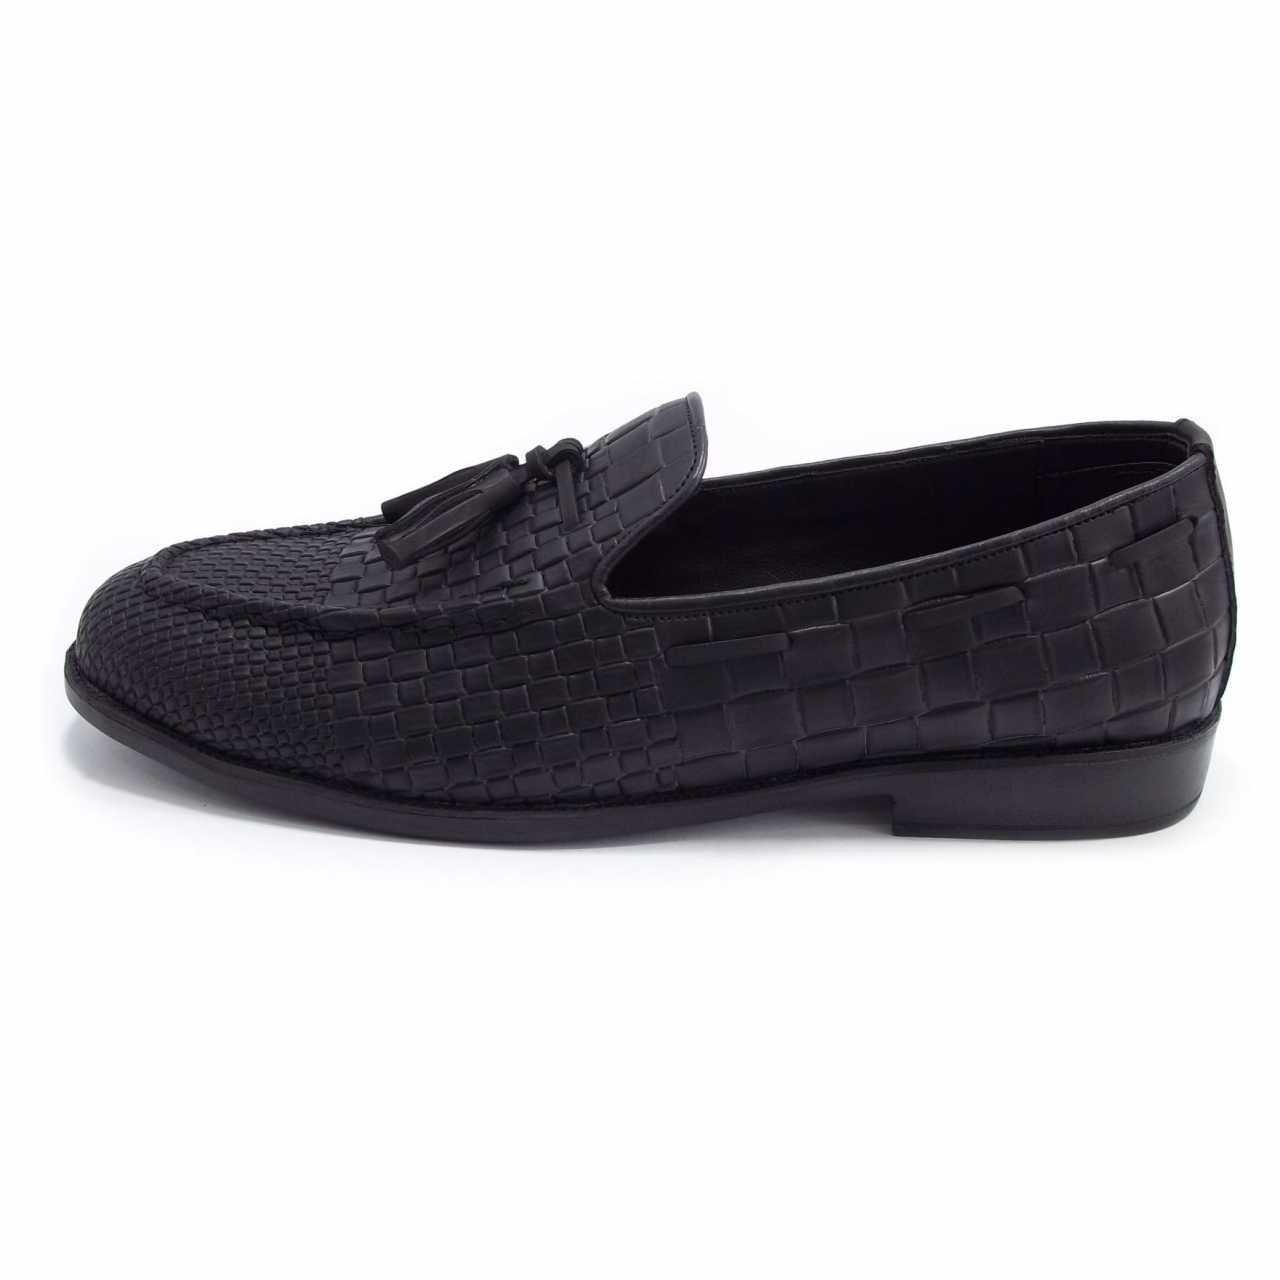 کفش کالج مدل کروکودیل مشکی